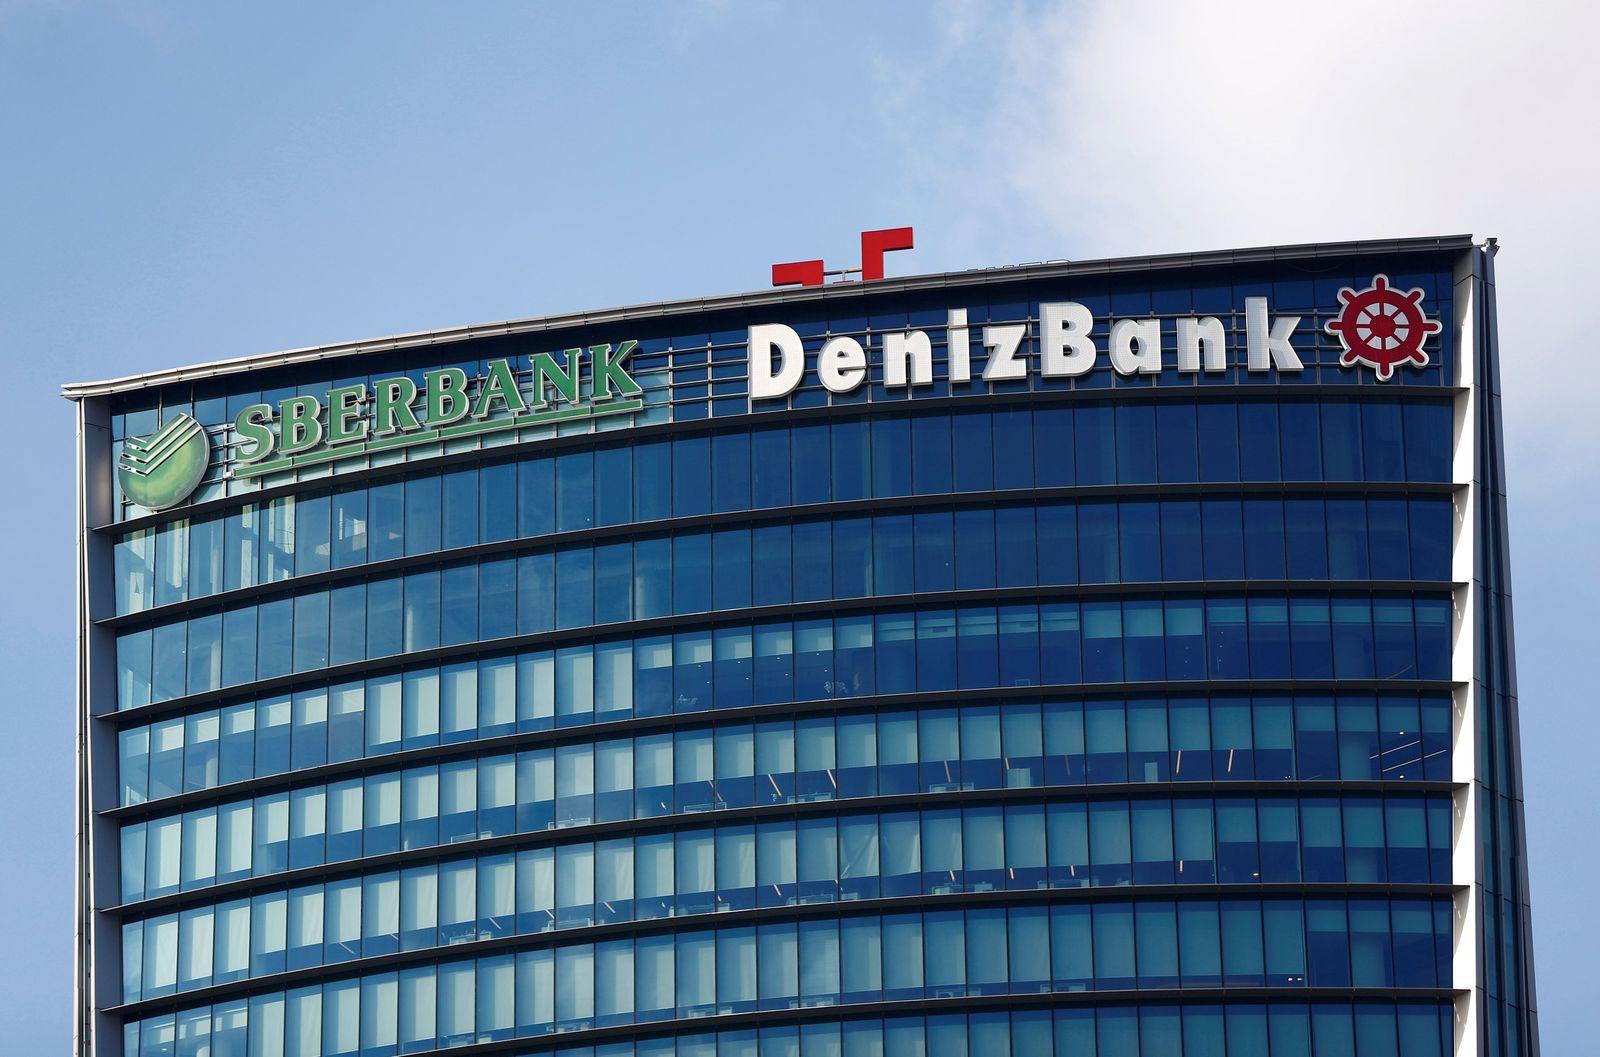 SBERBANK-DENIZBANK/SALE-EMIRATES